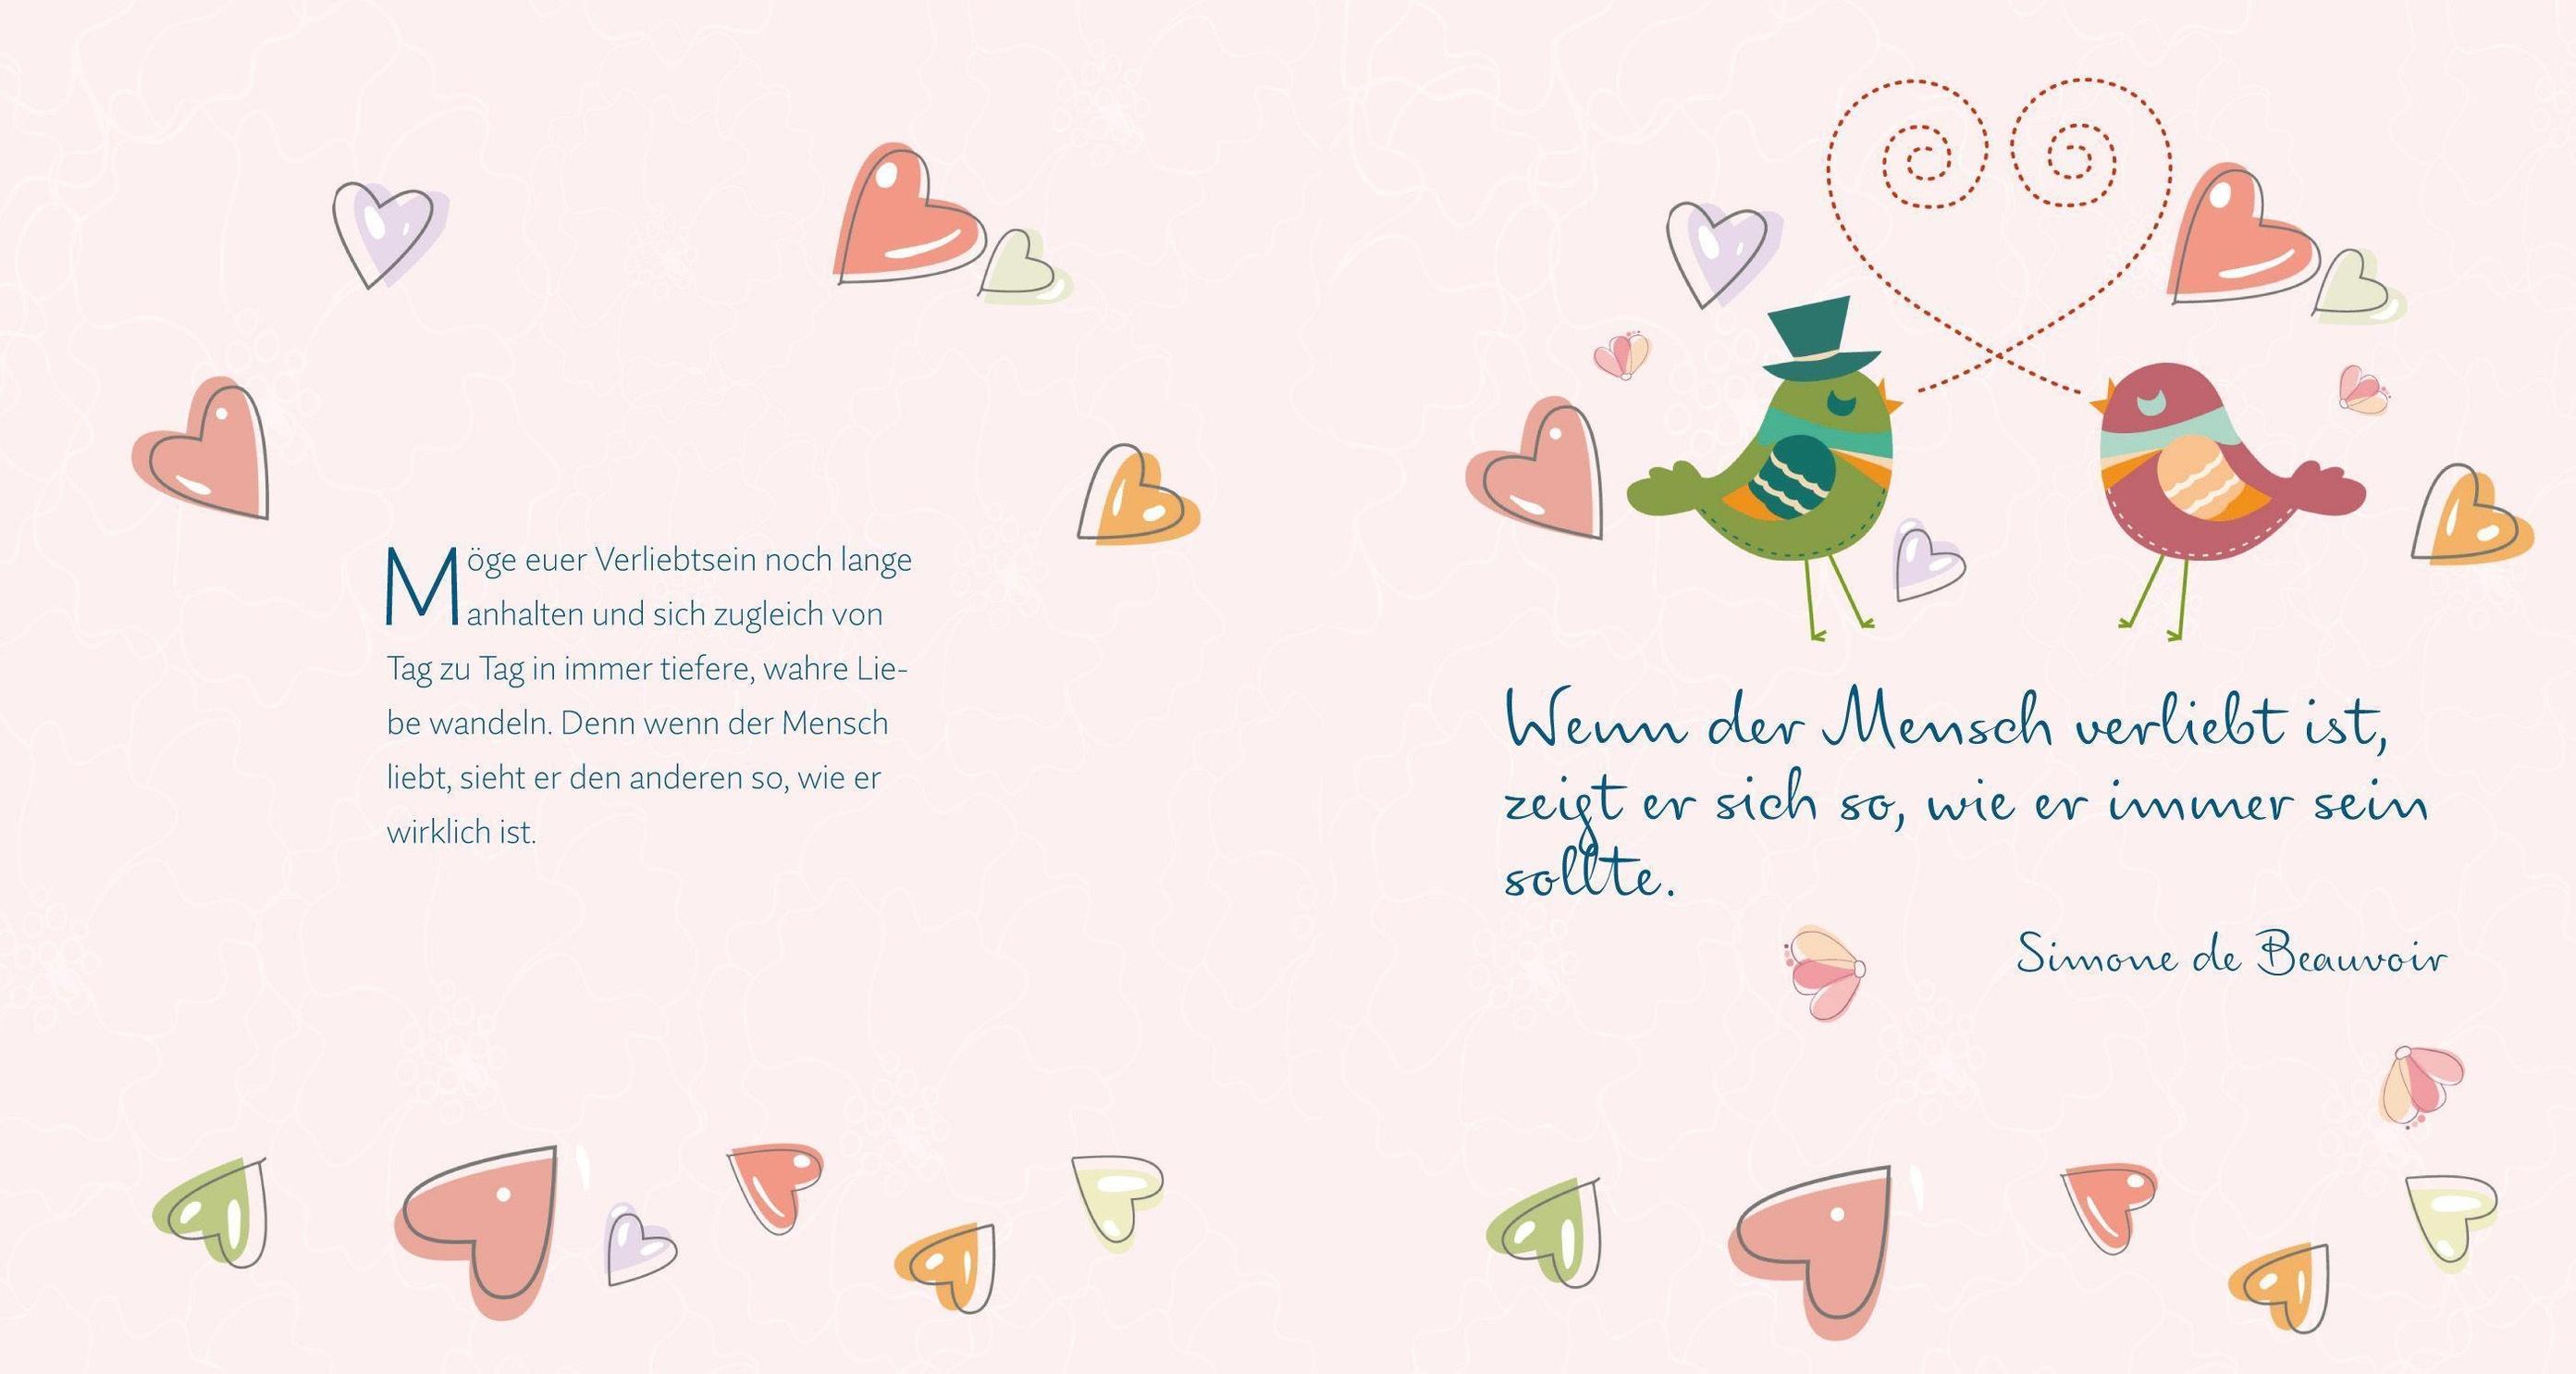 24 gute Wünsche - Zur Hochzeit Buch bei Weltbild.at bestellen